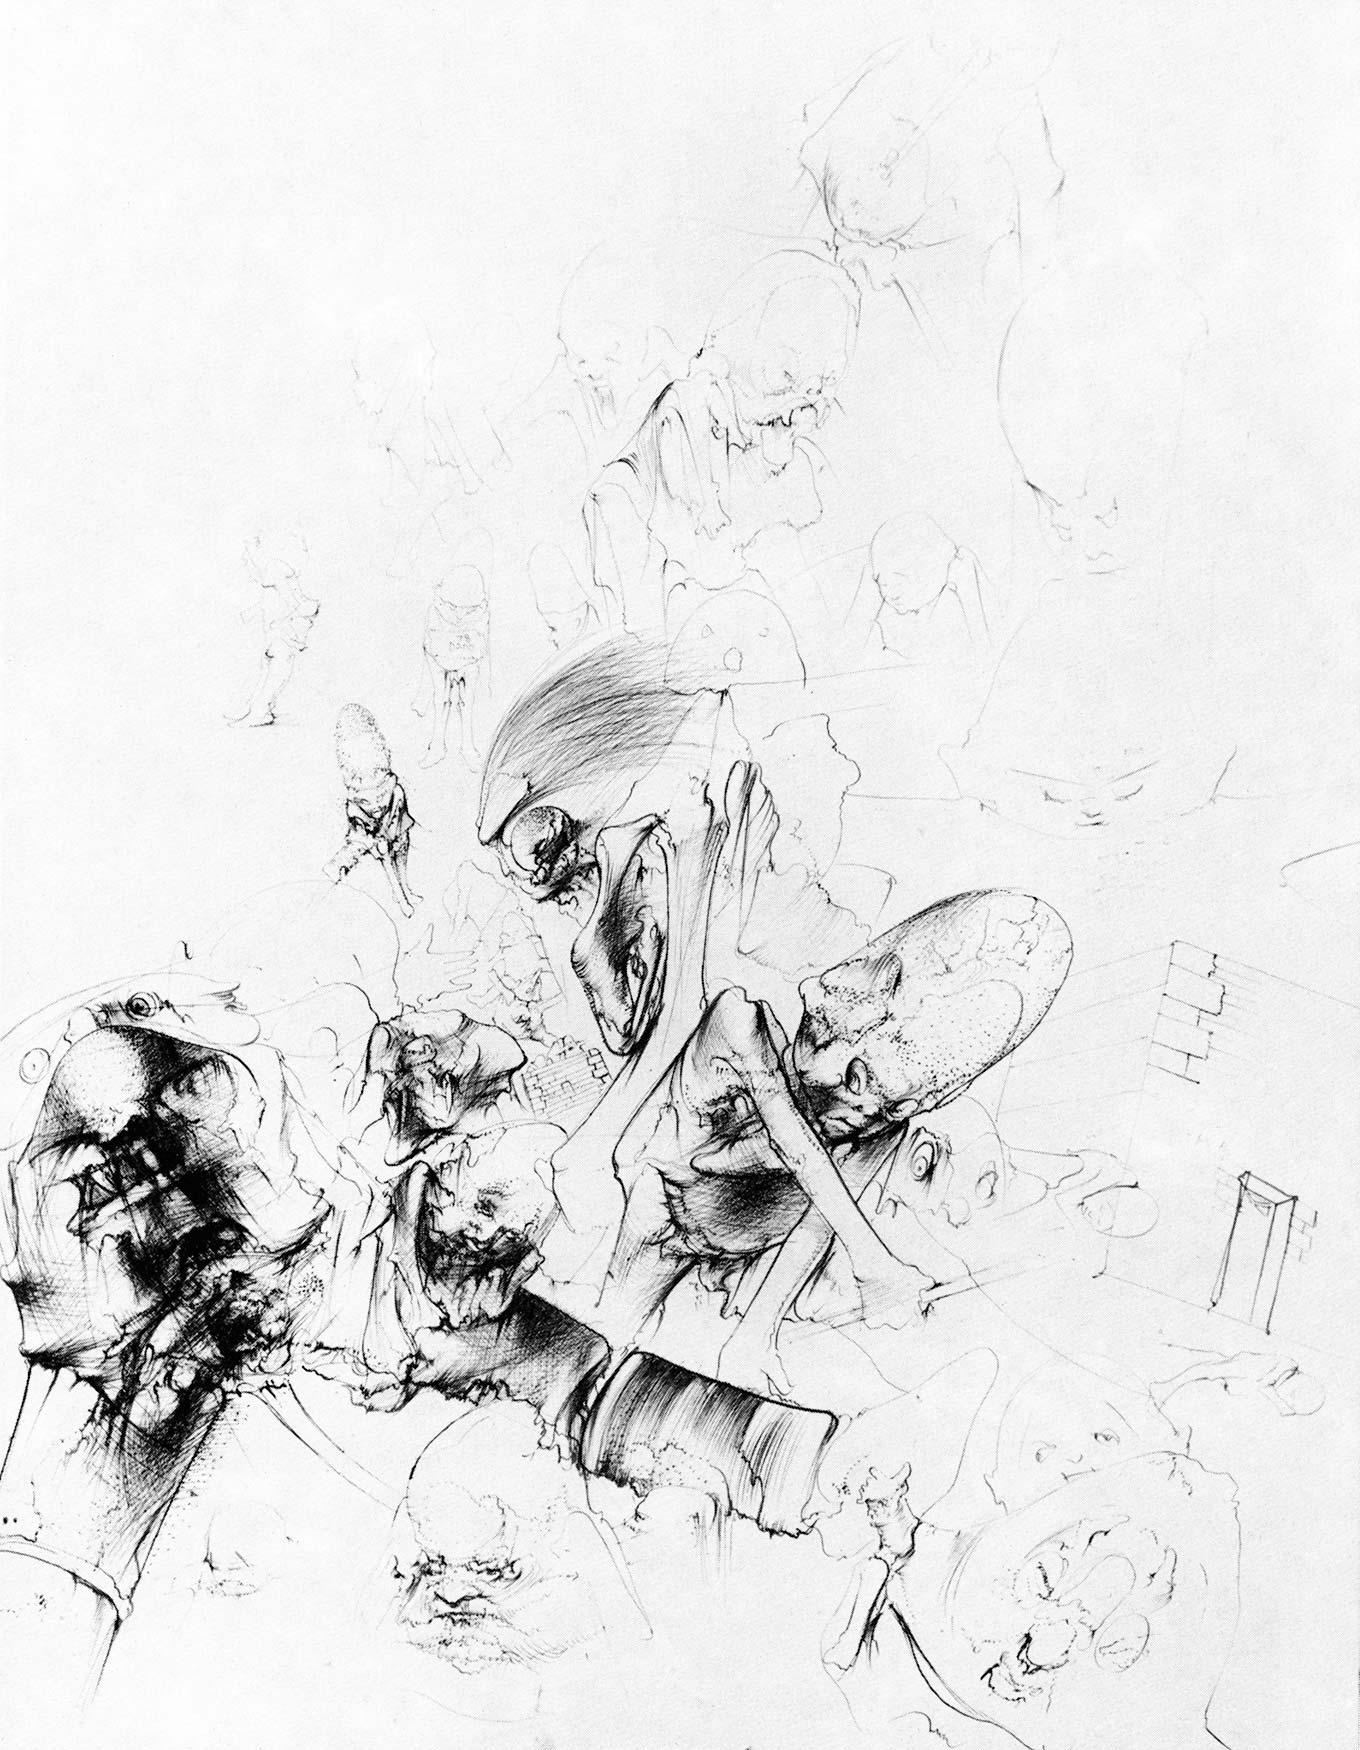 Dadov crtež